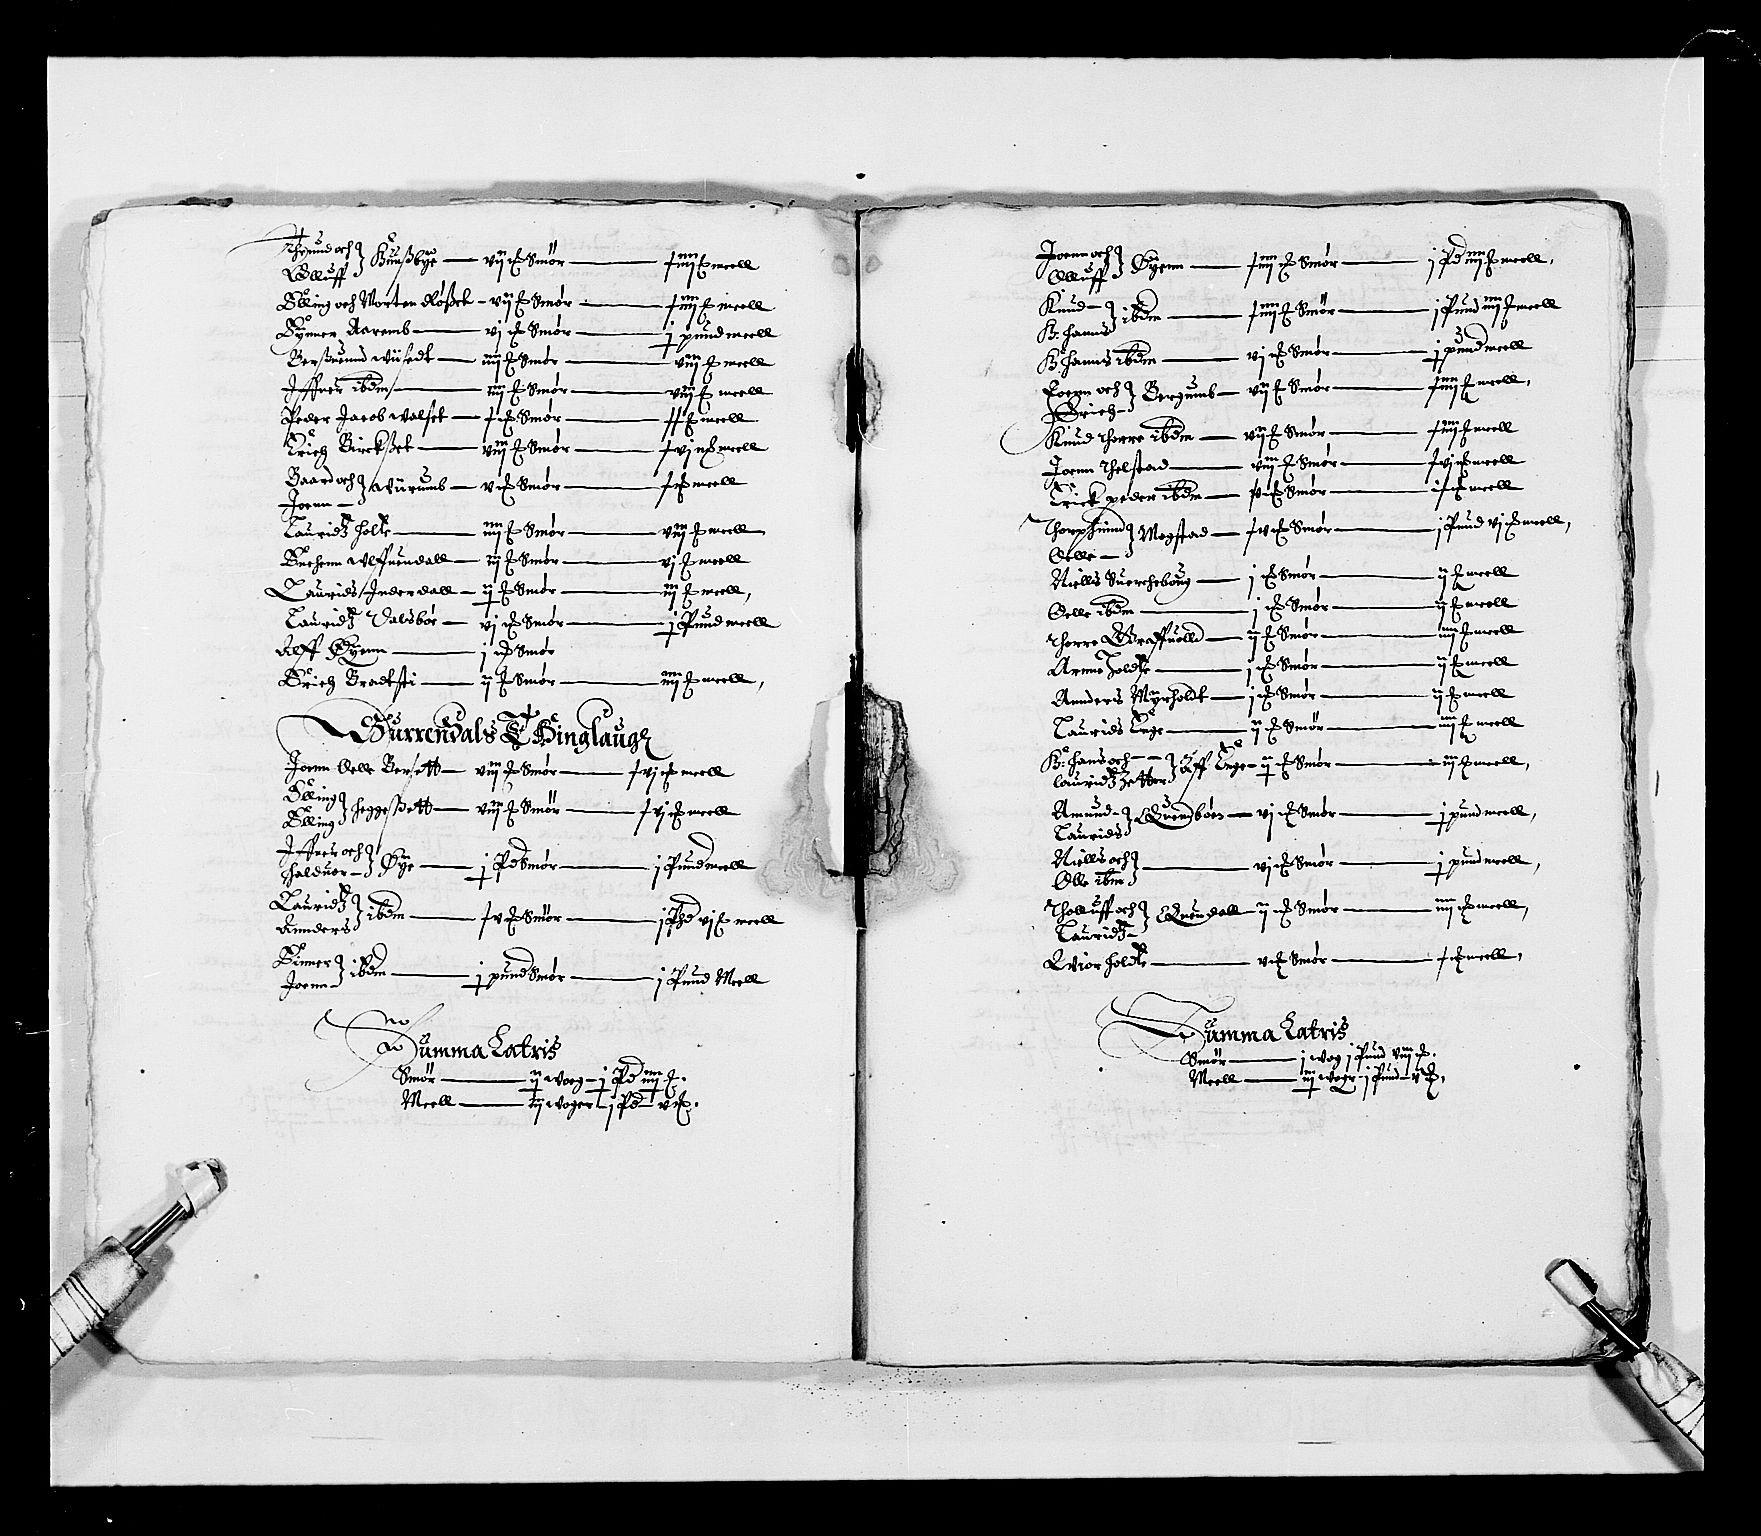 RA, Stattholderembetet 1572-1771, Ek/L0028: Jordebøker 1633-1658:, 1645-1646, s. 6